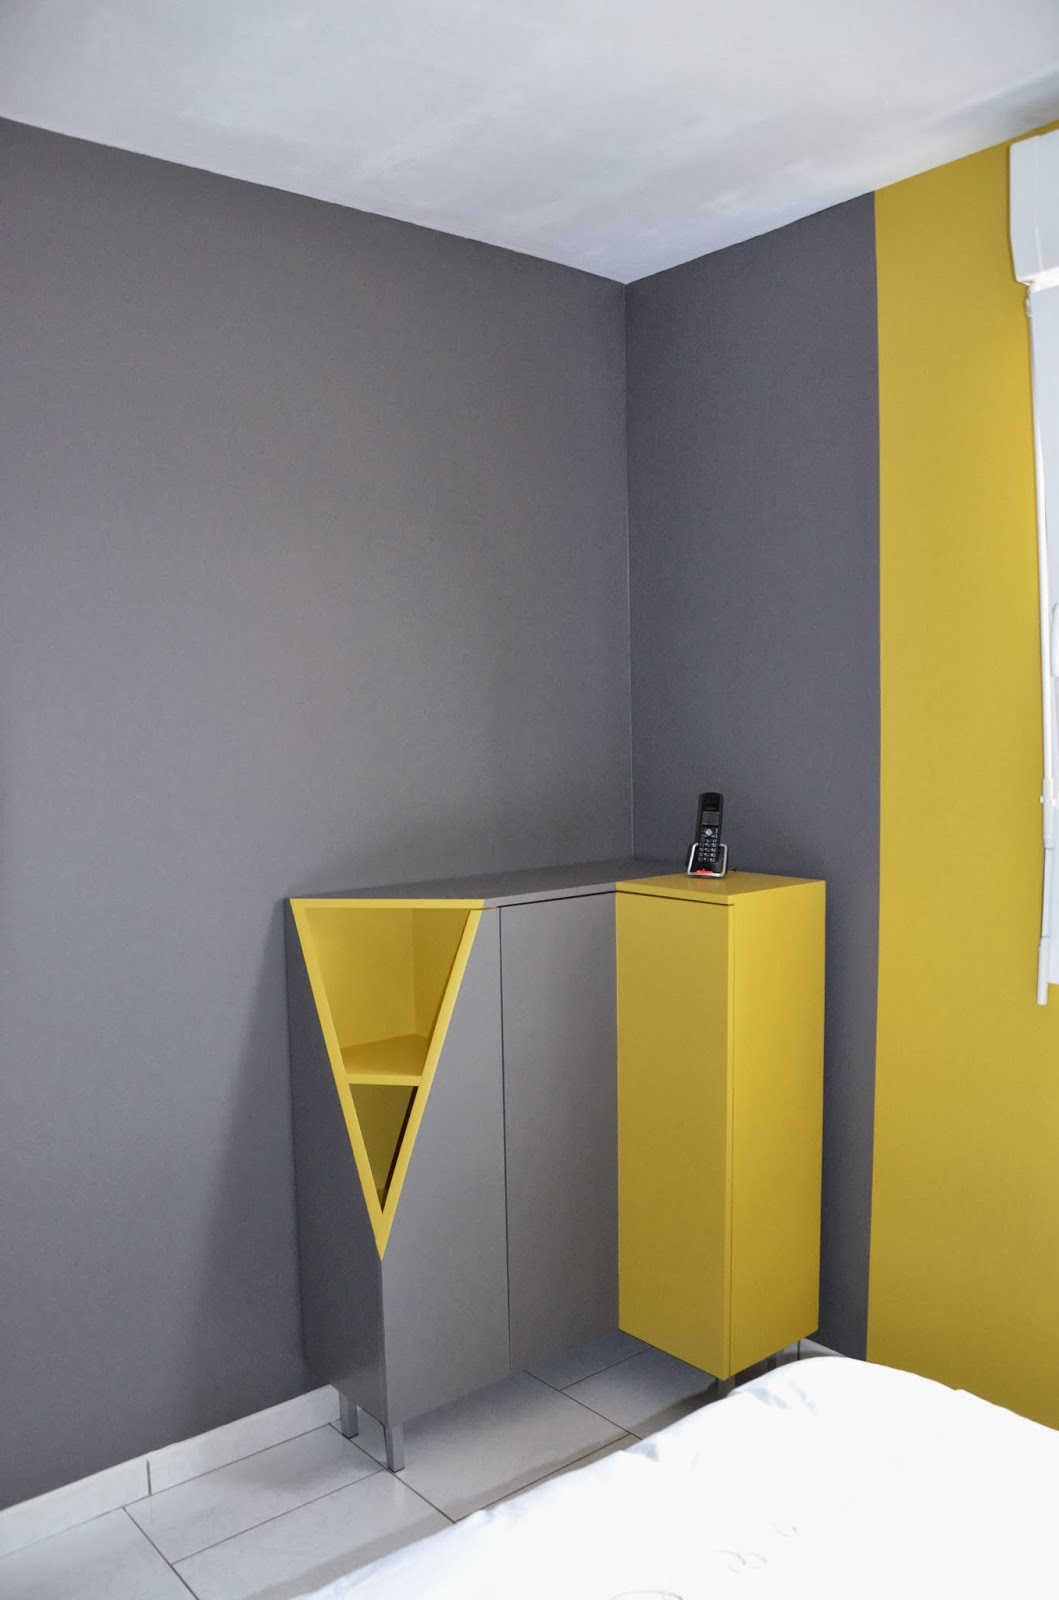 meubles sur mesure et mise en couleur d 39 une chambre lana 39 i d coration et conception d 39 int rieur. Black Bedroom Furniture Sets. Home Design Ideas